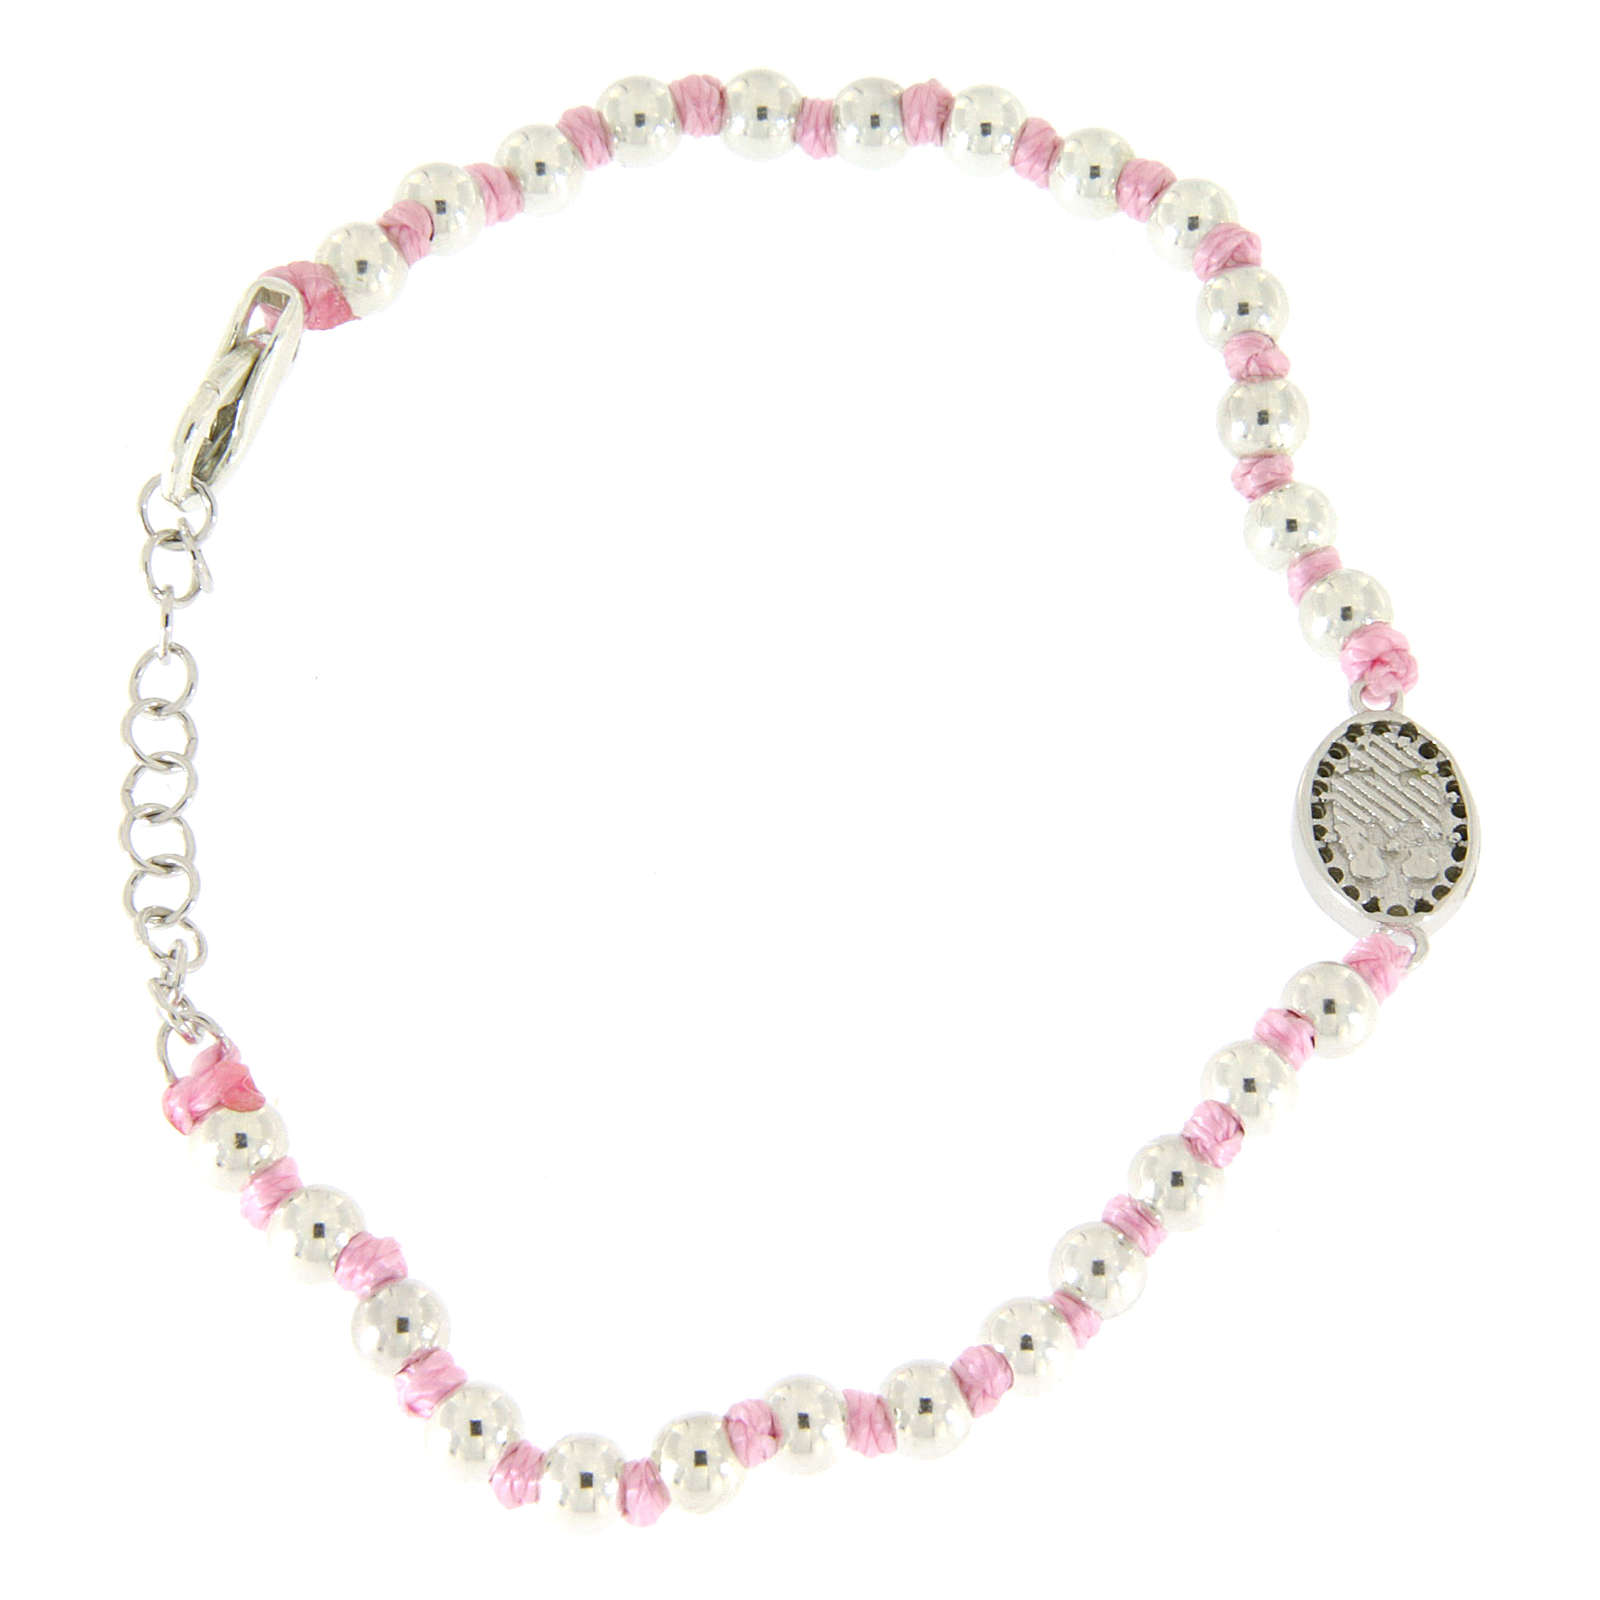 Bracciale con palline 3 mm argento, cordina in cotone rosa e medaglietta S. Rita zirconi neri 4